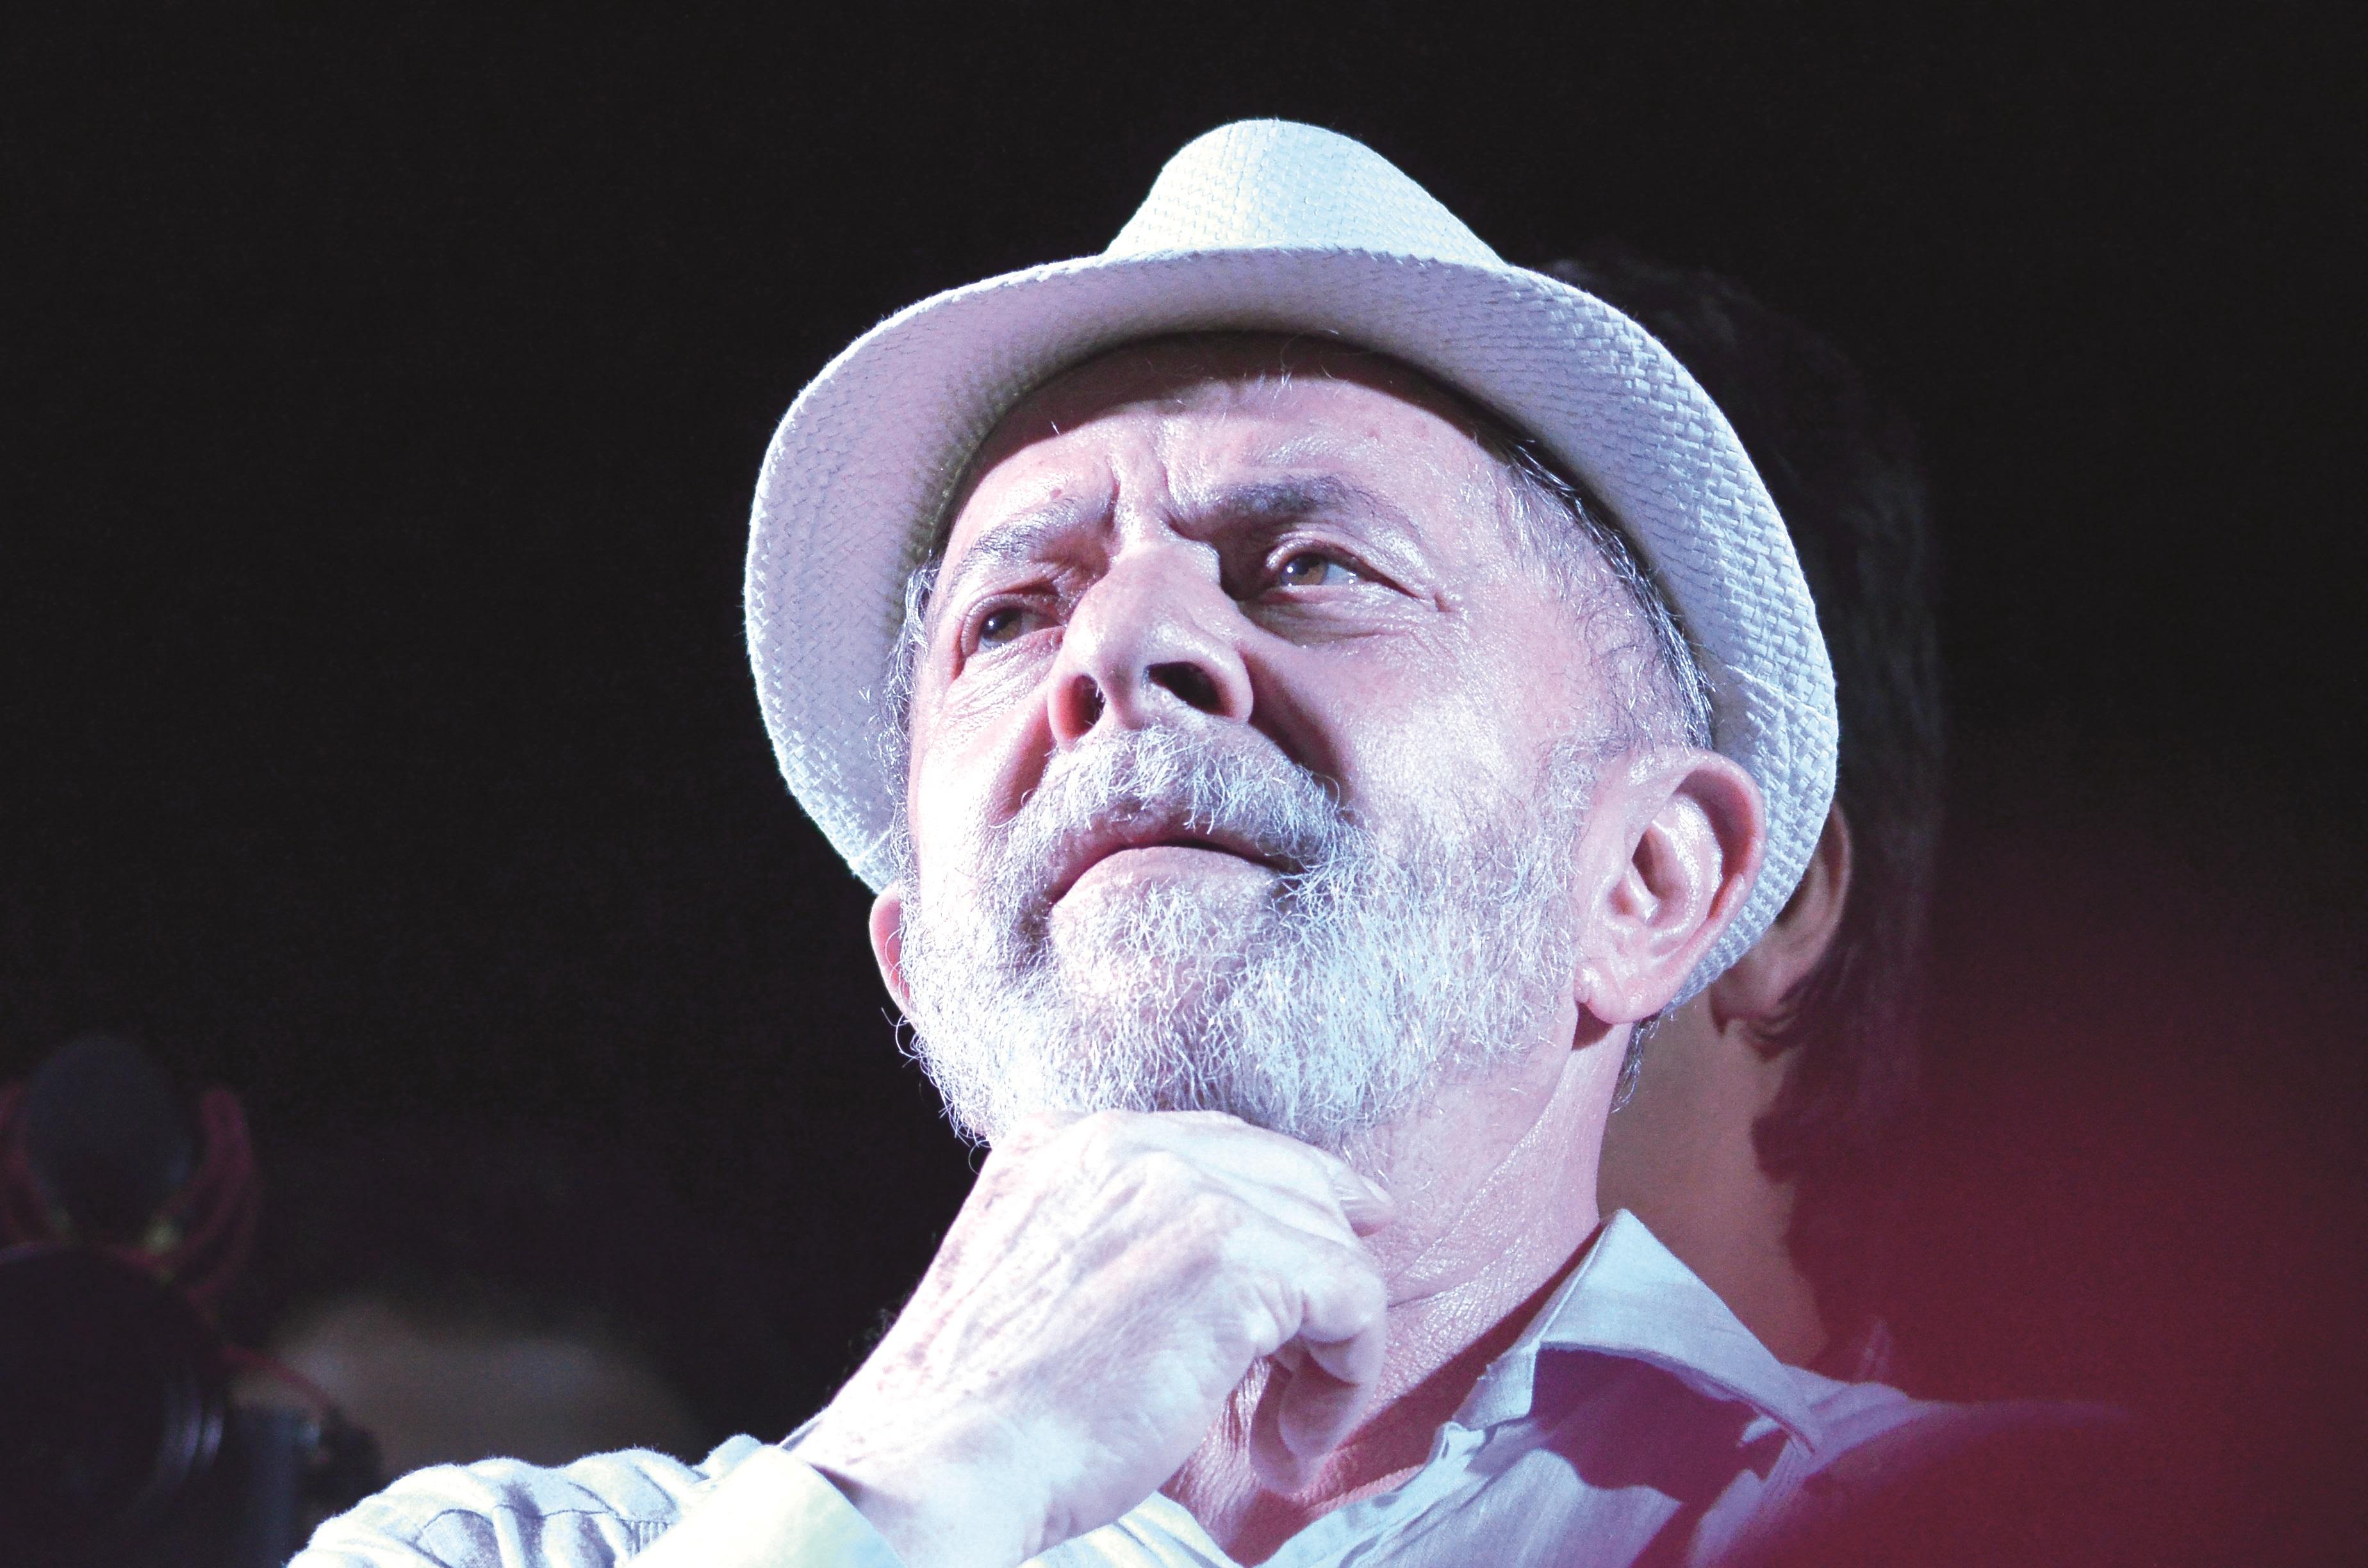 Caravana de Lula em Currais Novos 447